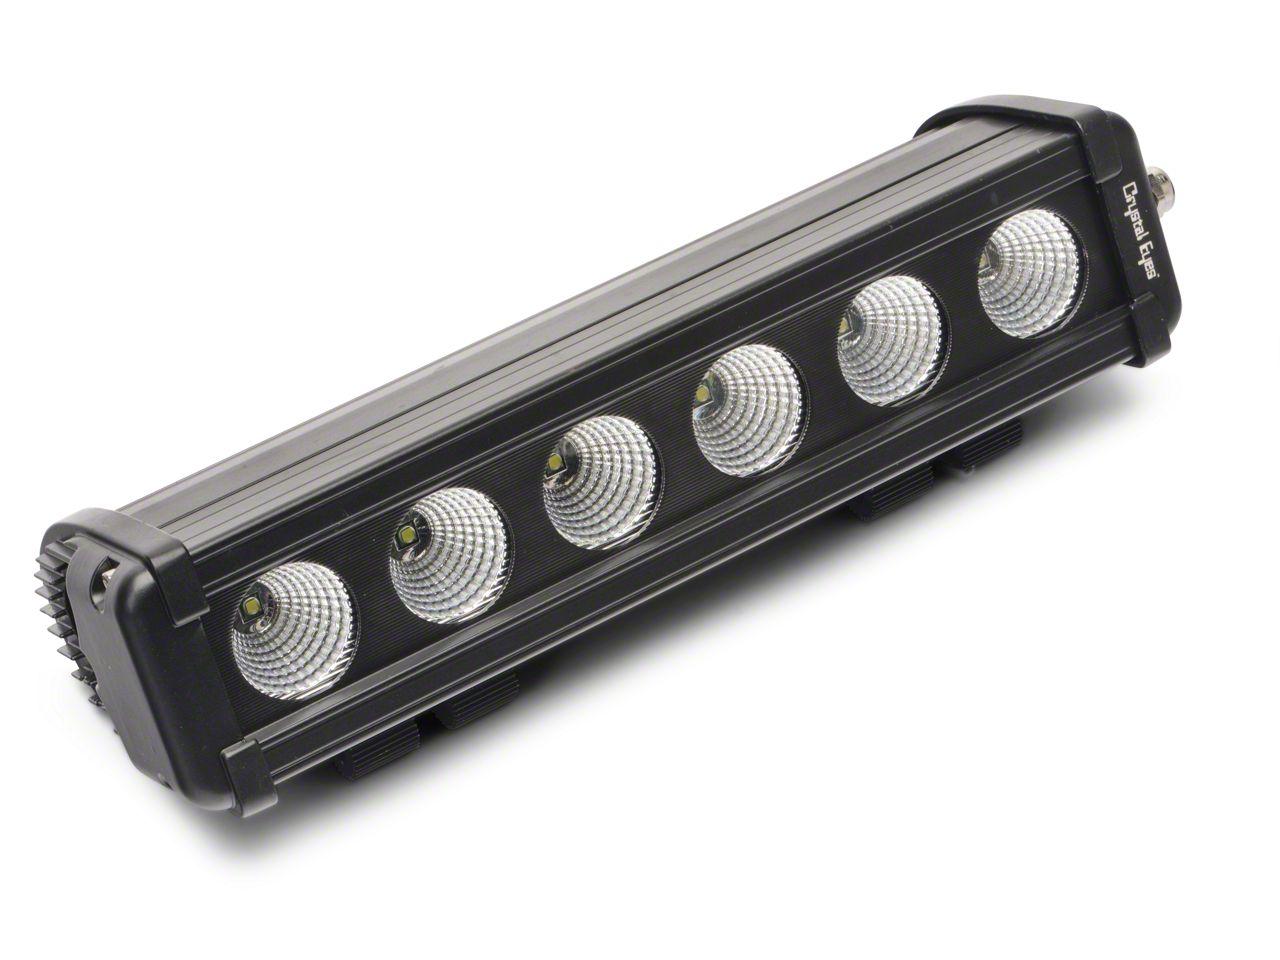 Alteon 12 in. 8 Series LED Light Bar - 60 Degree Flood Beam